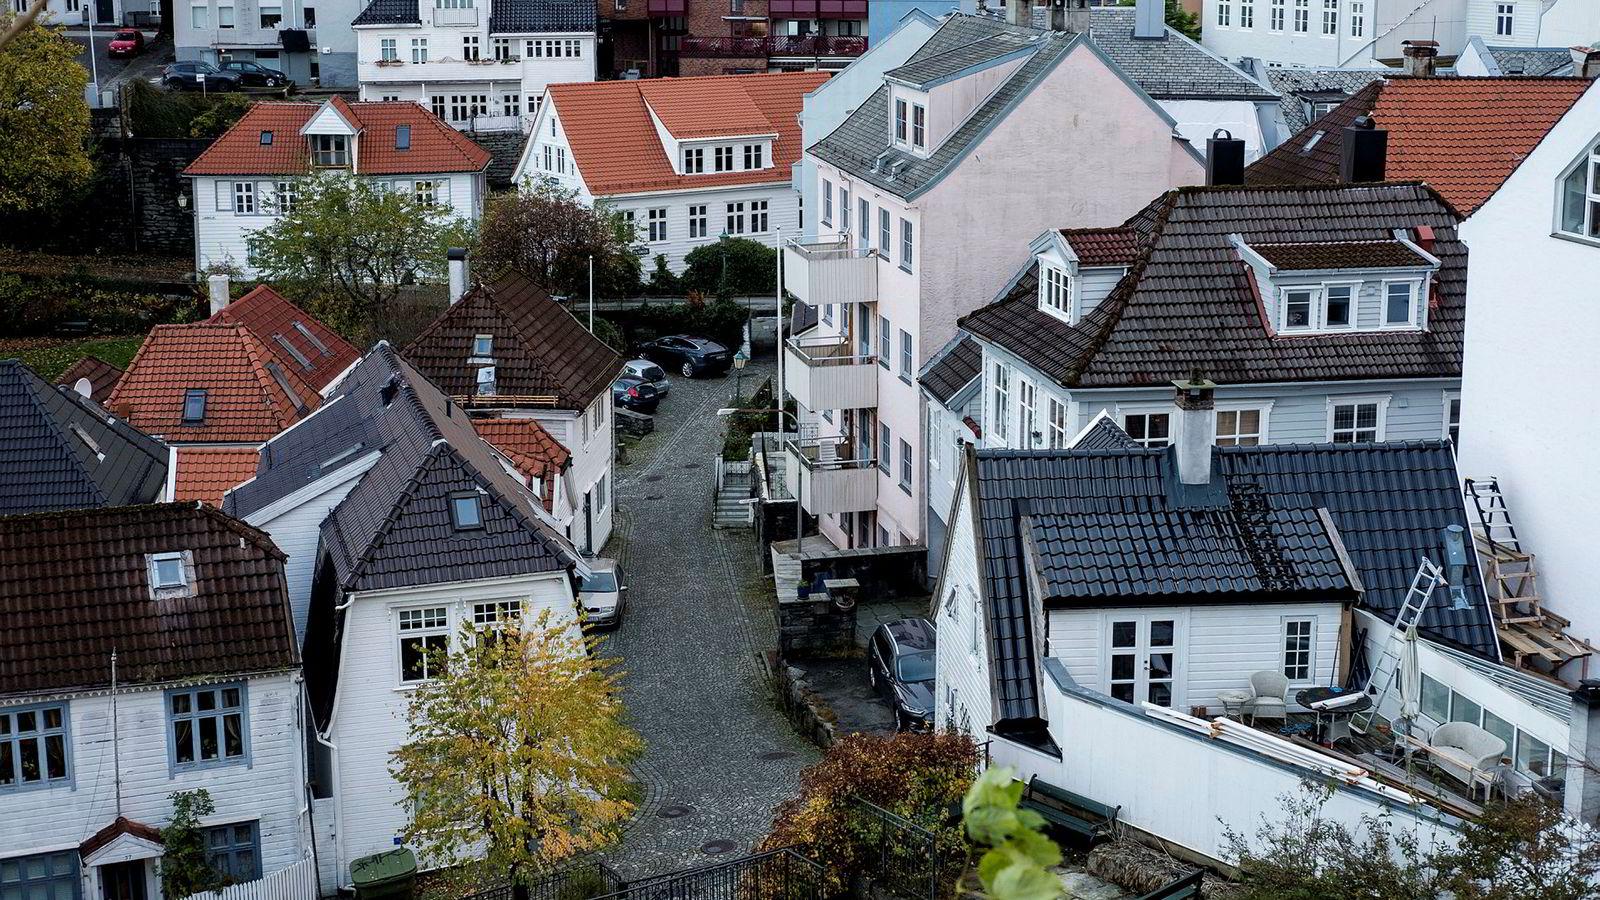 Deler av Bergen hadde svakest boligprisutvikling i fjerde kvartal 2018.